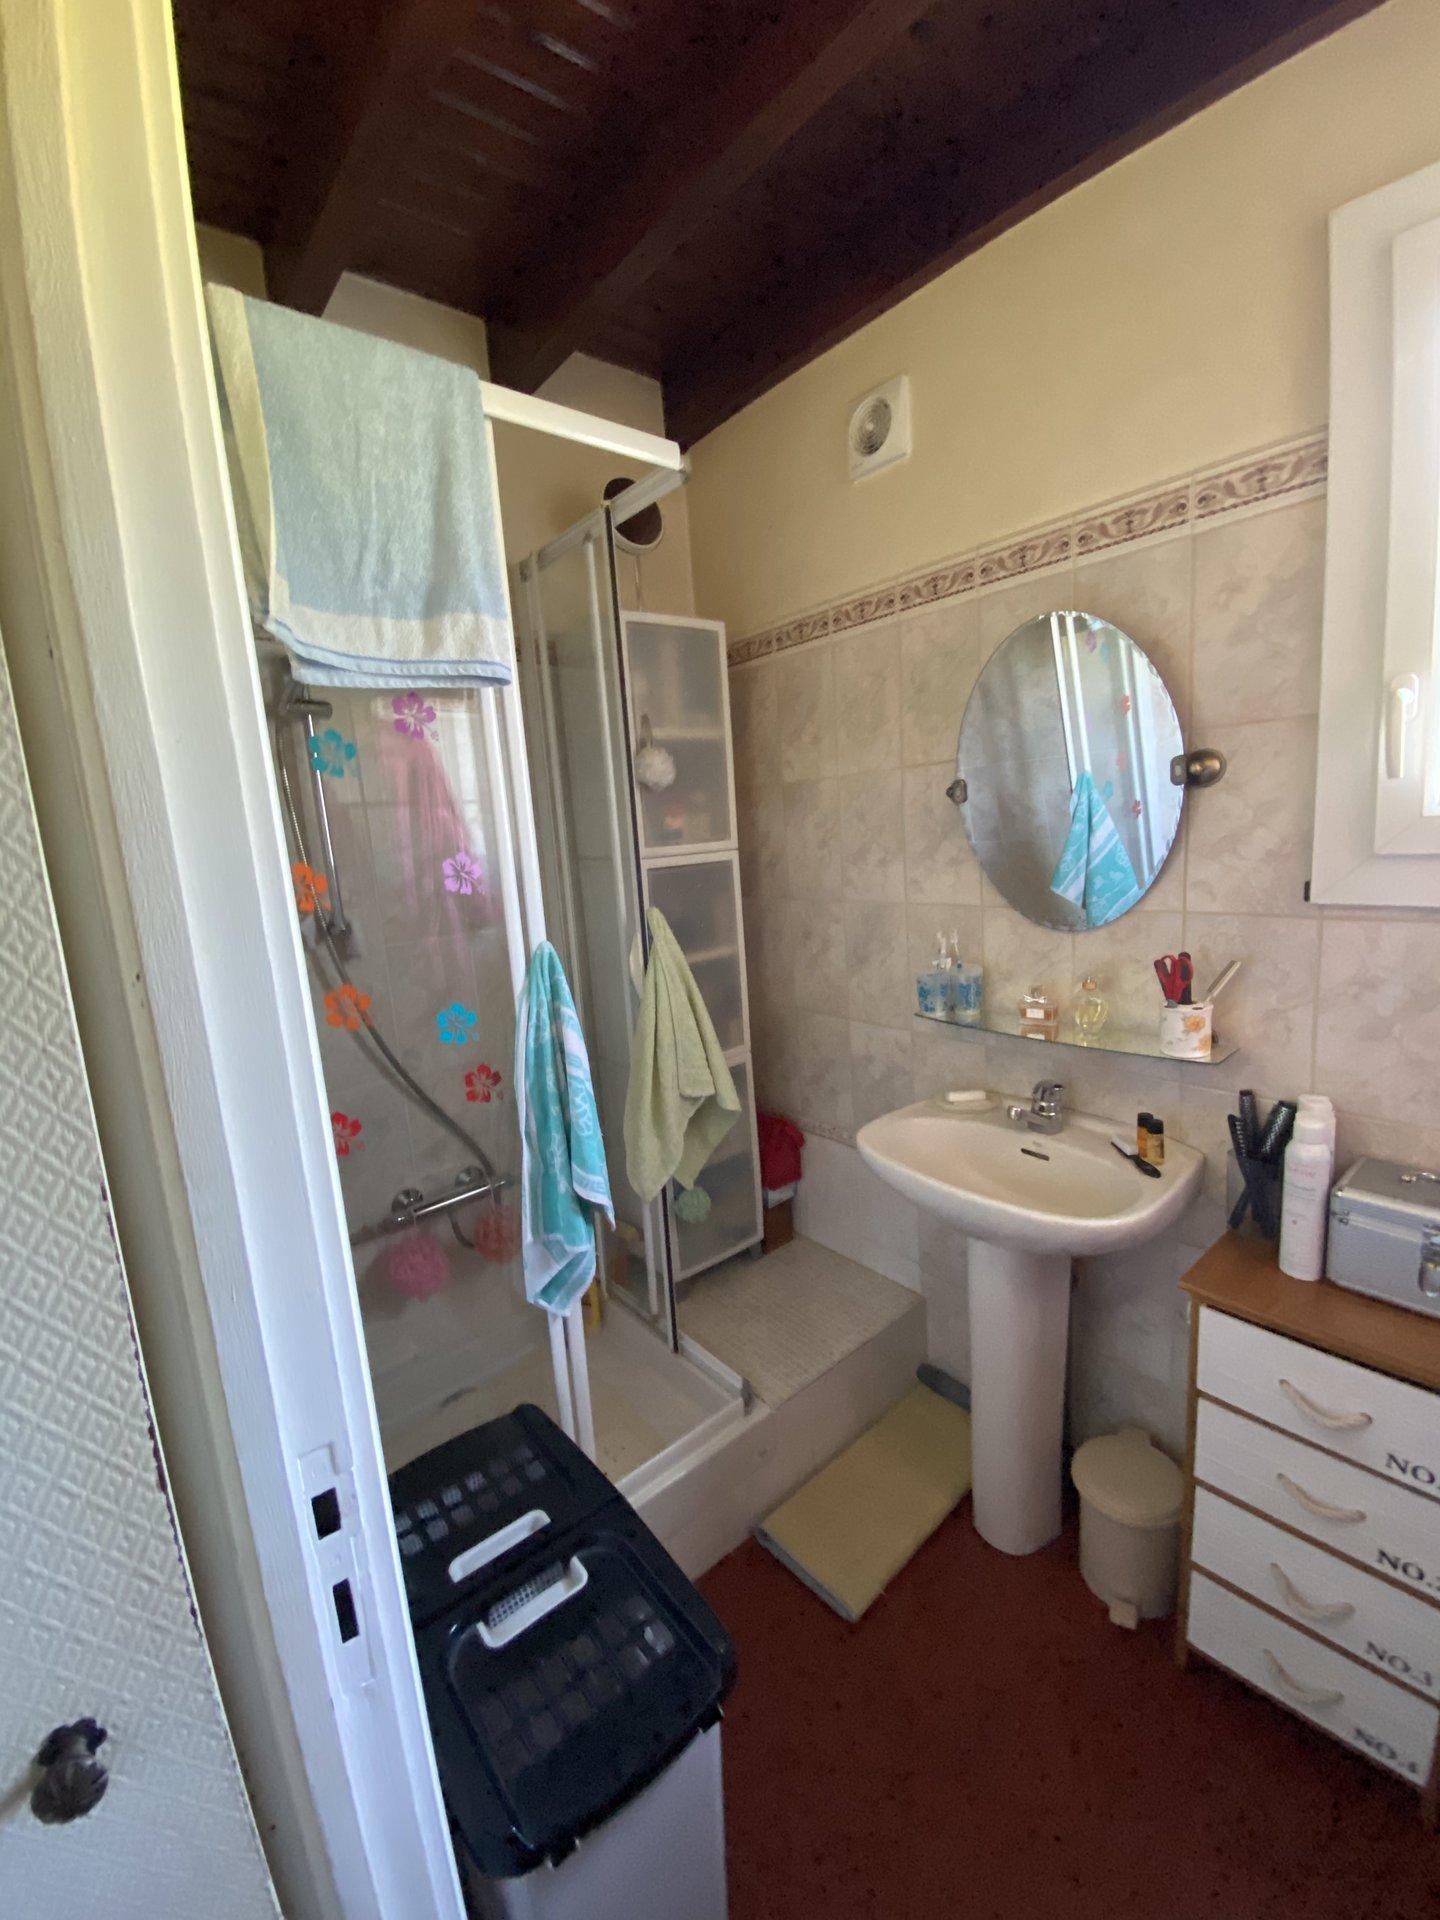 Maison traditionnelle 3 chambres sur 835 m²